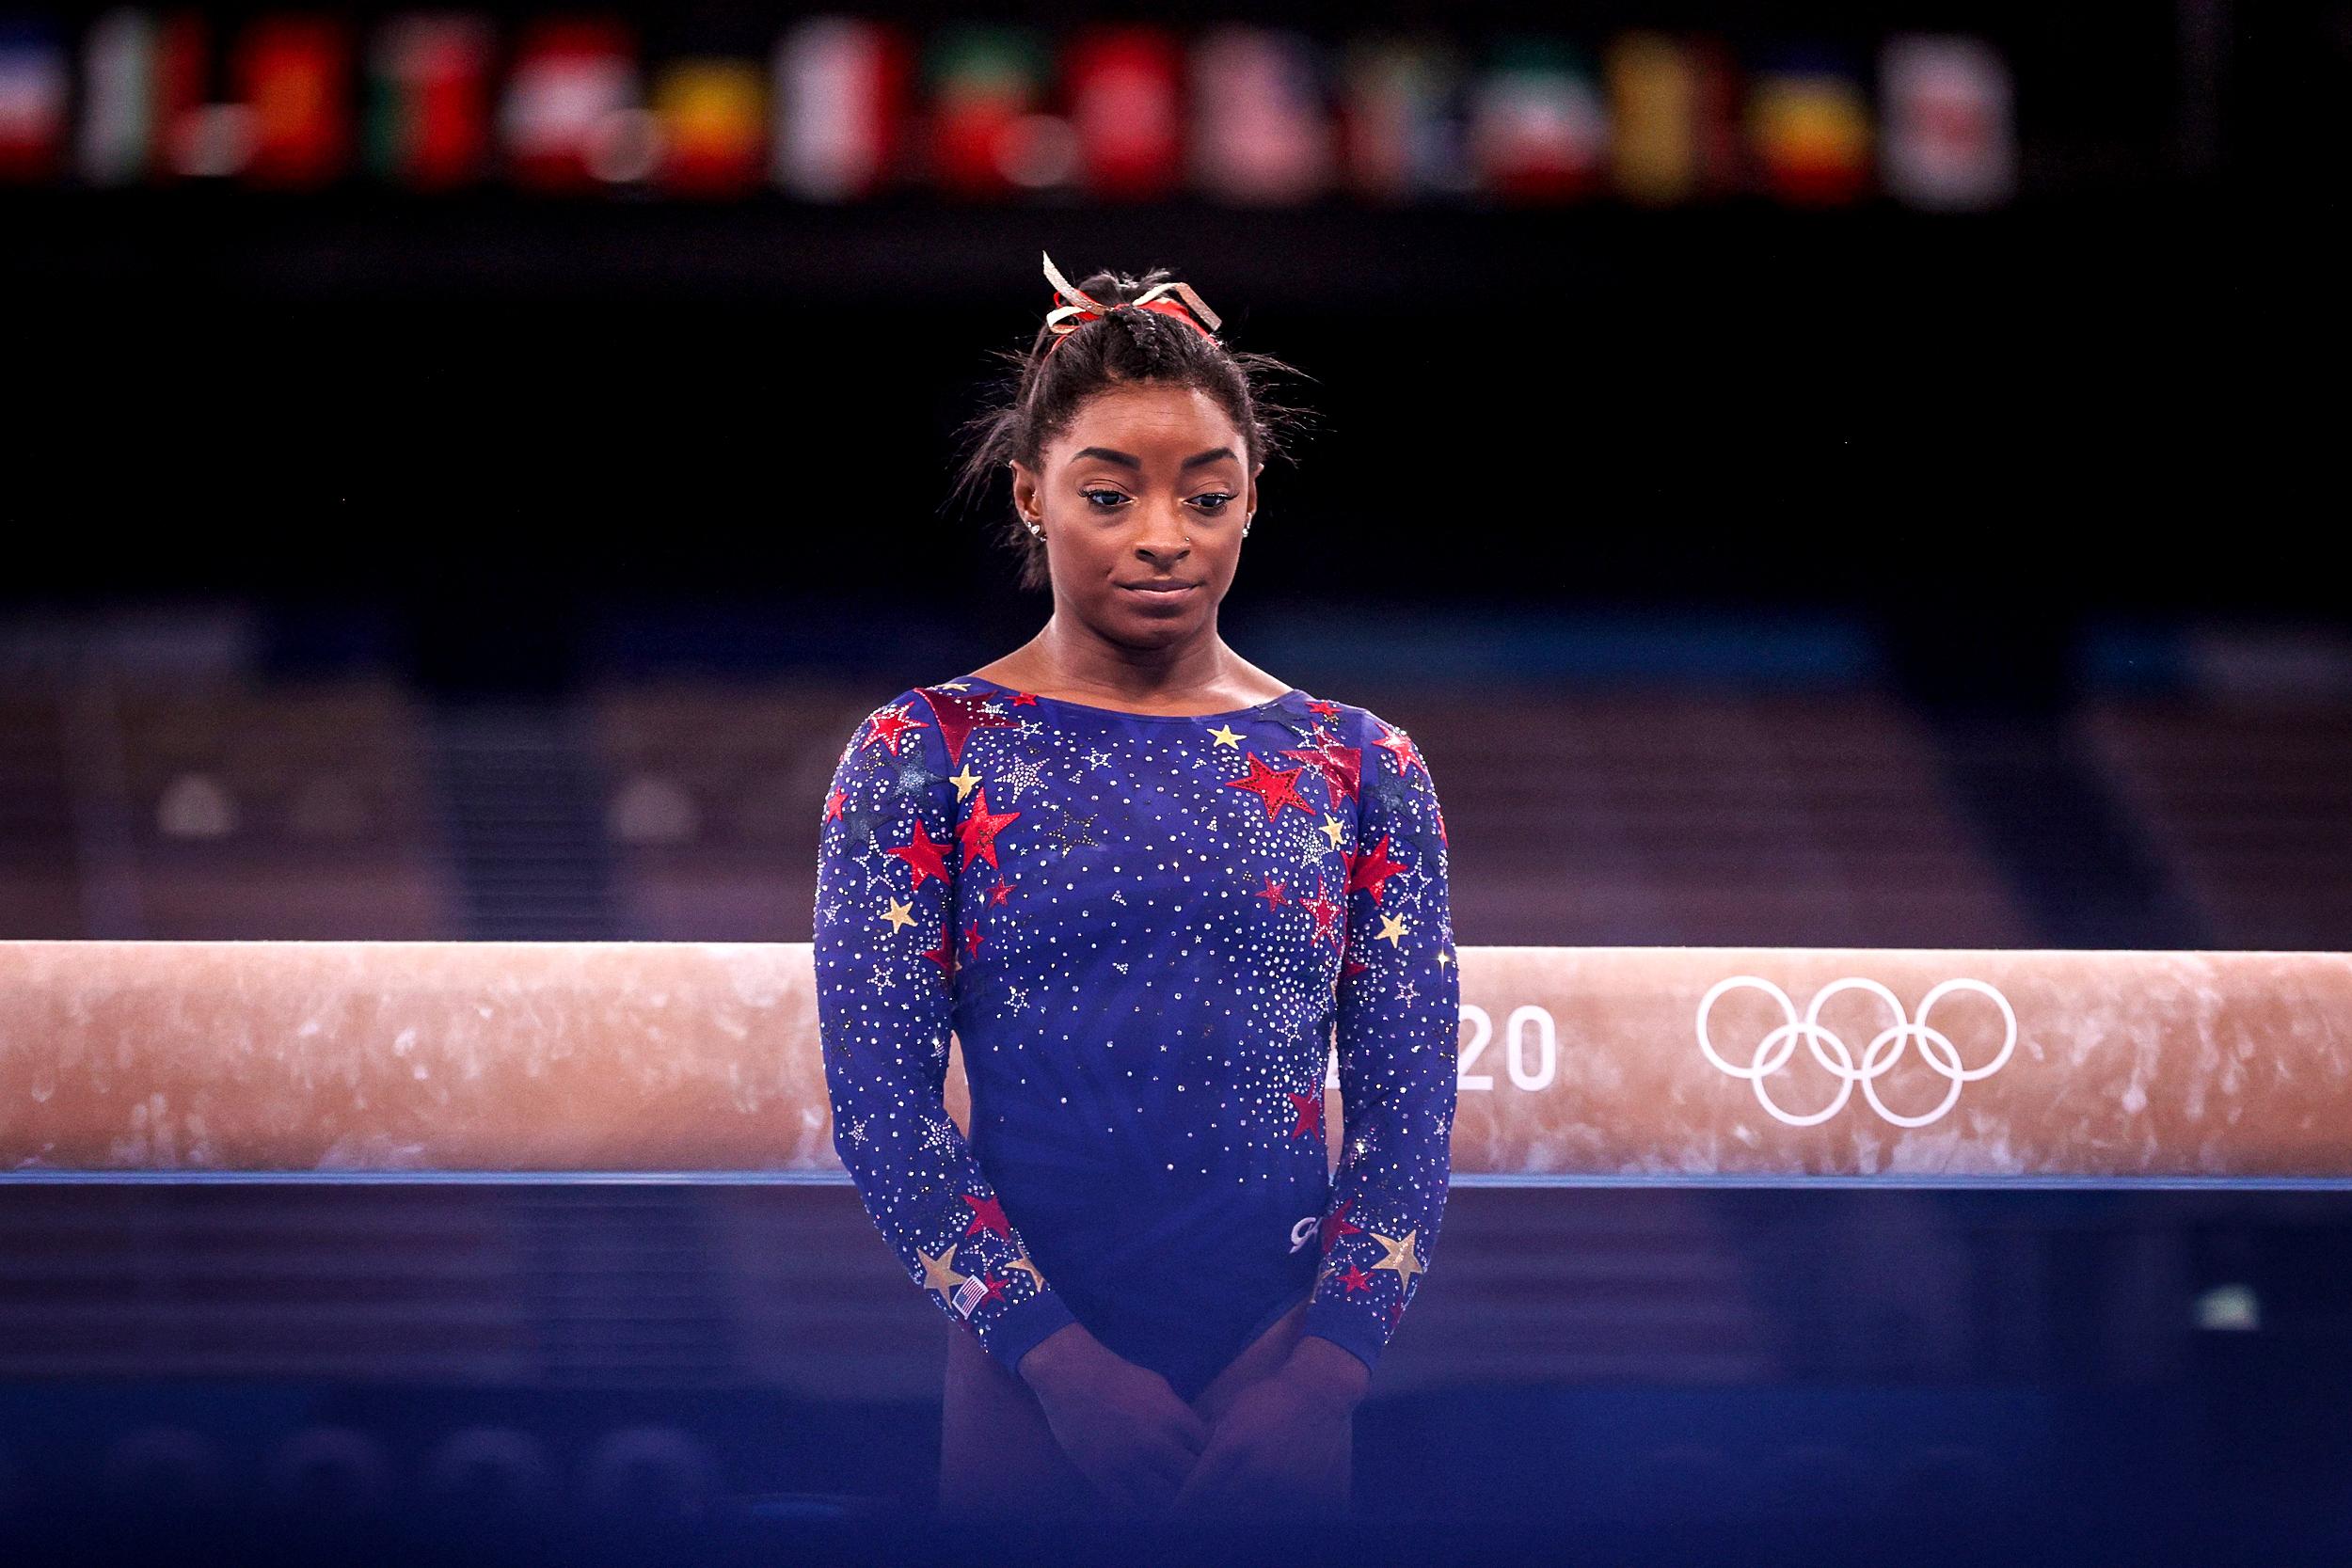 Simone Biles spotlights a challenge elite athletes face: Public failure